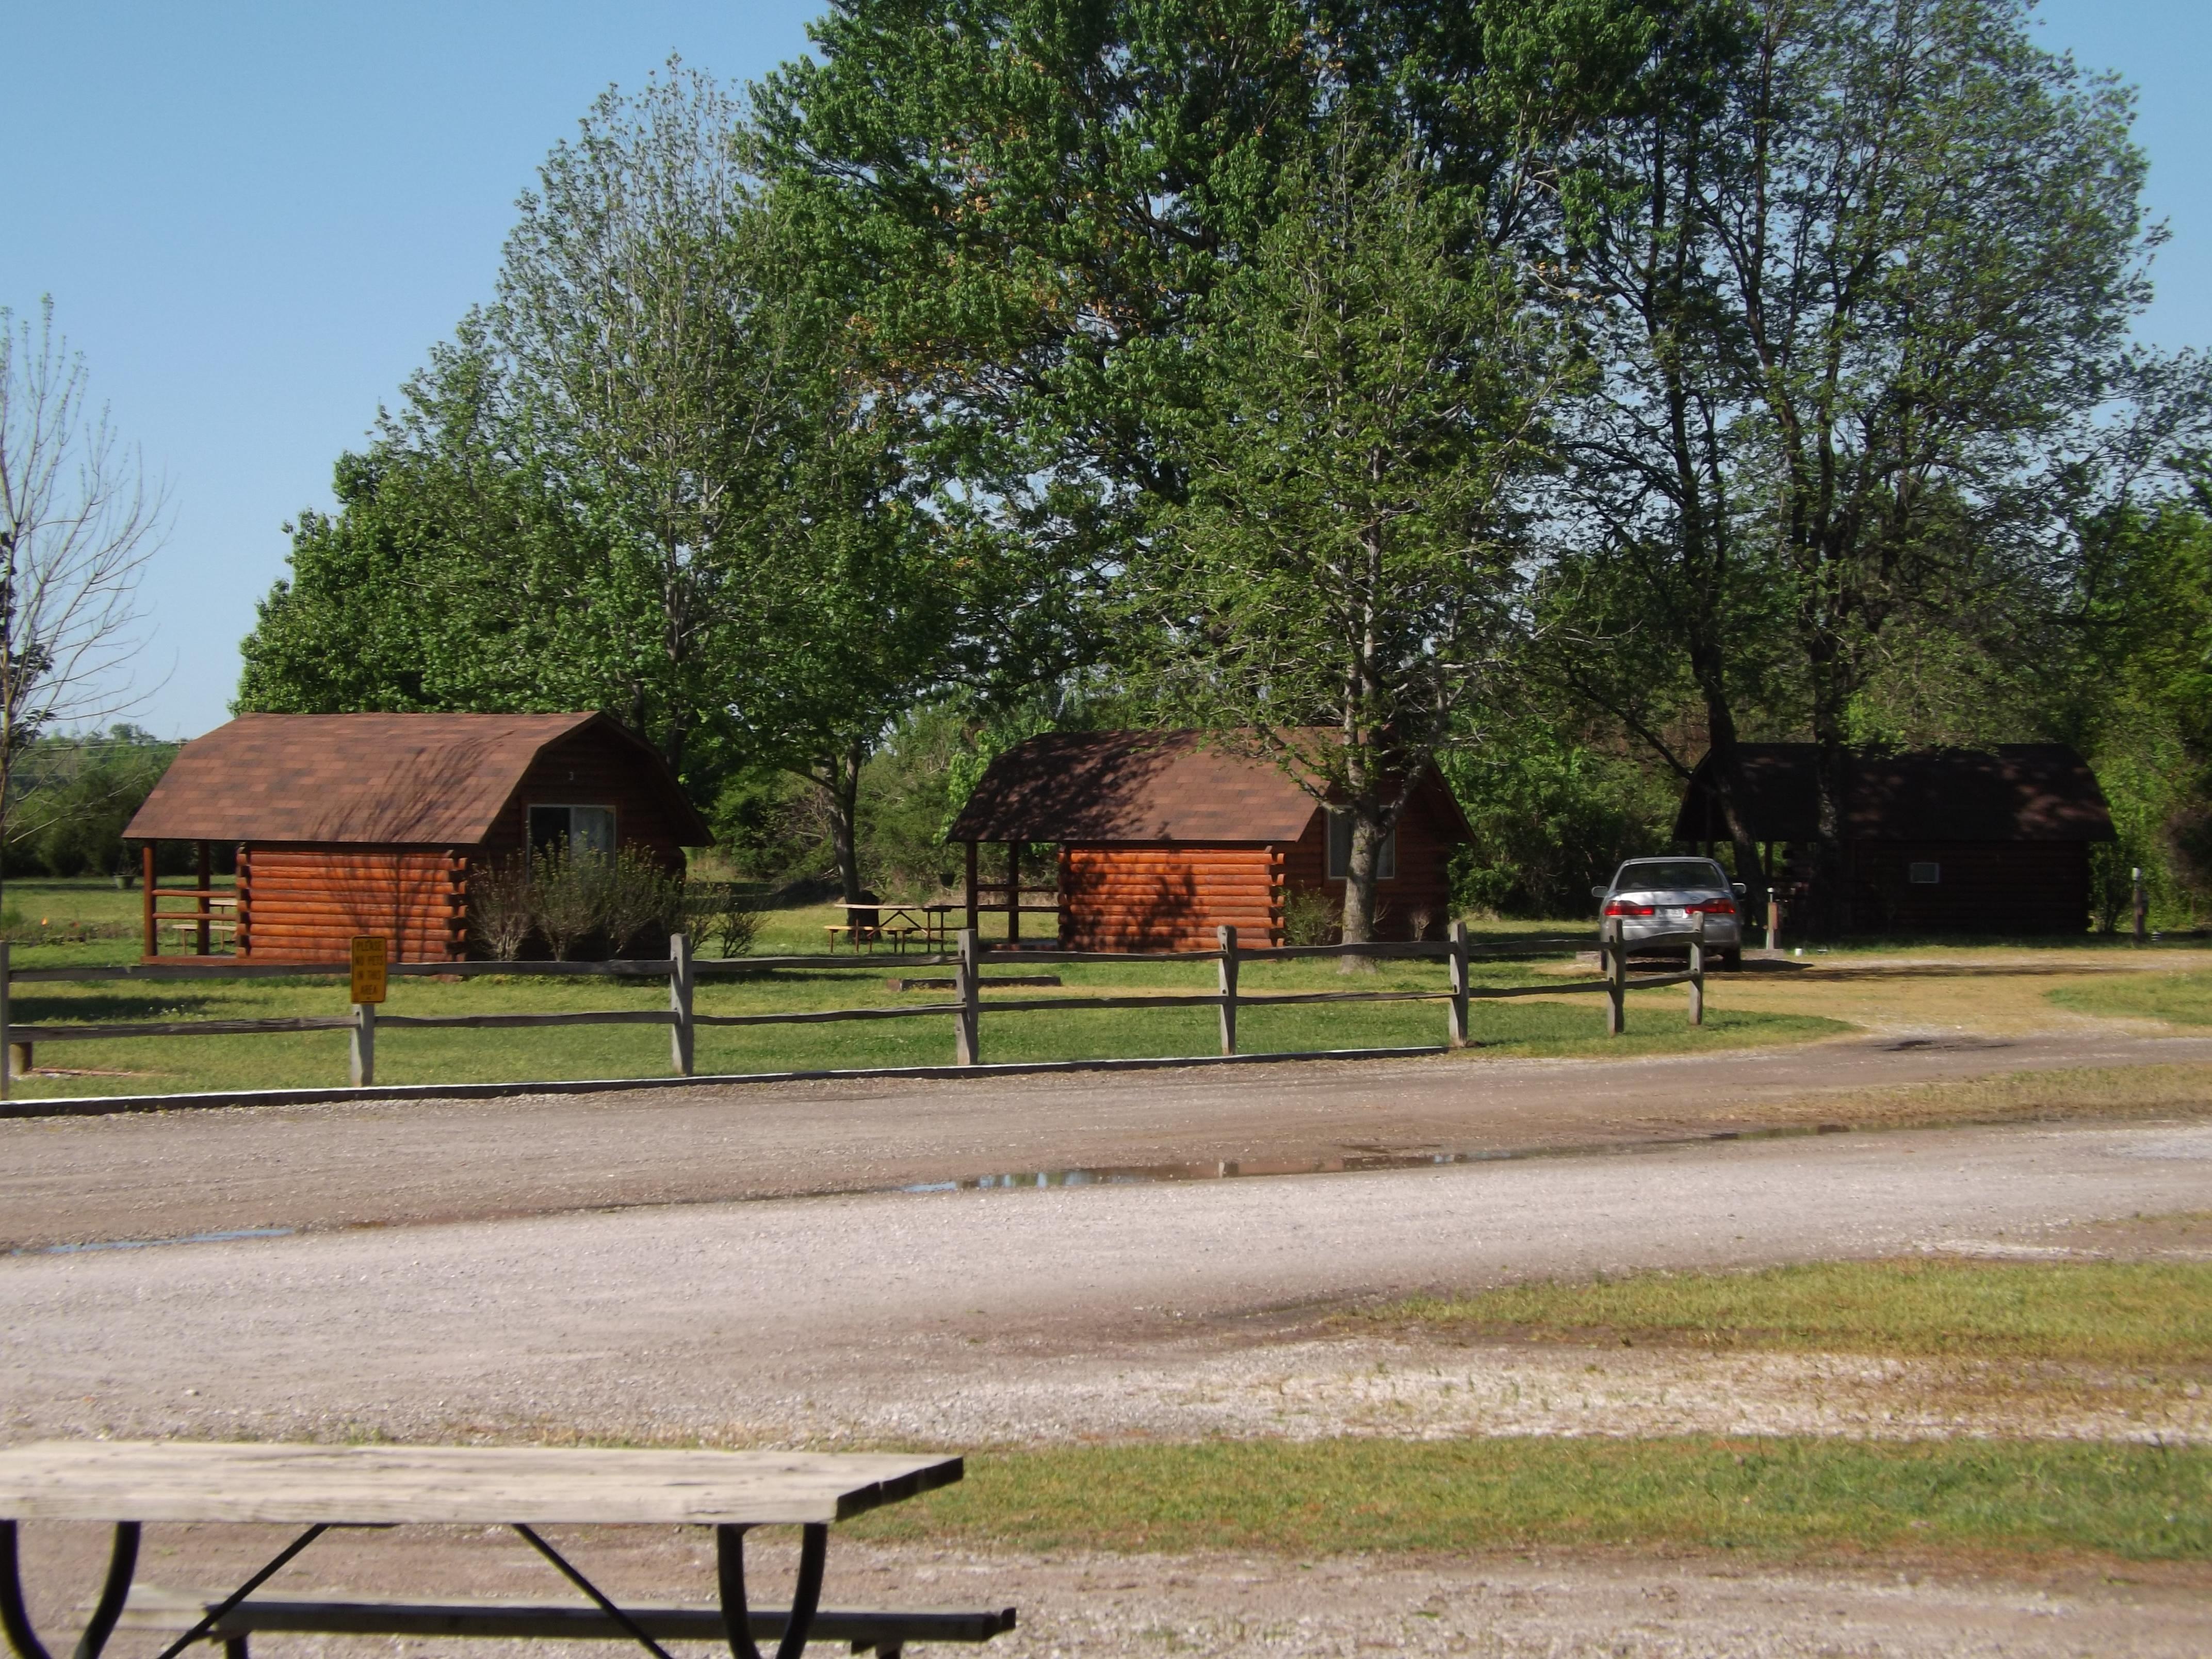 Sallisaw / Fort Smith West KOA Holiday image 17